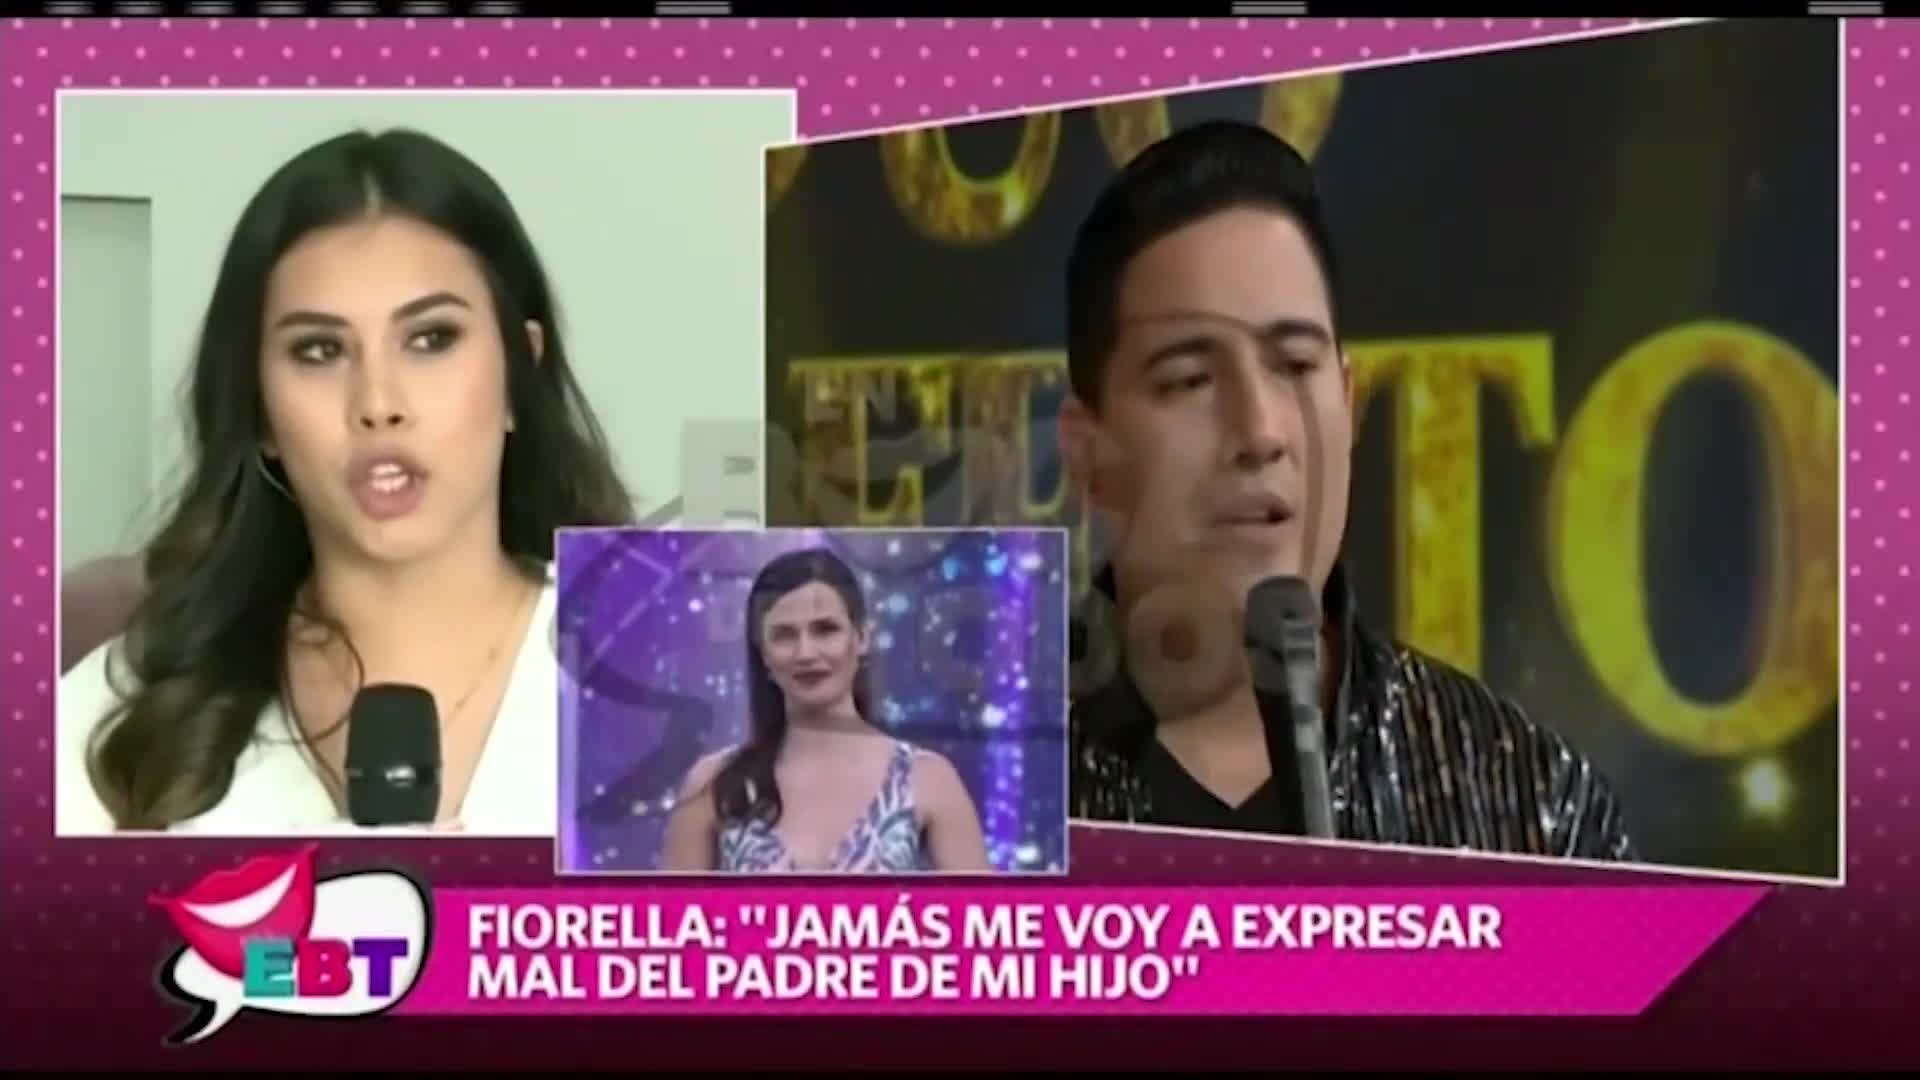 Pedro Loli: Fiorella Méndez descarta reconciliación con el cantante